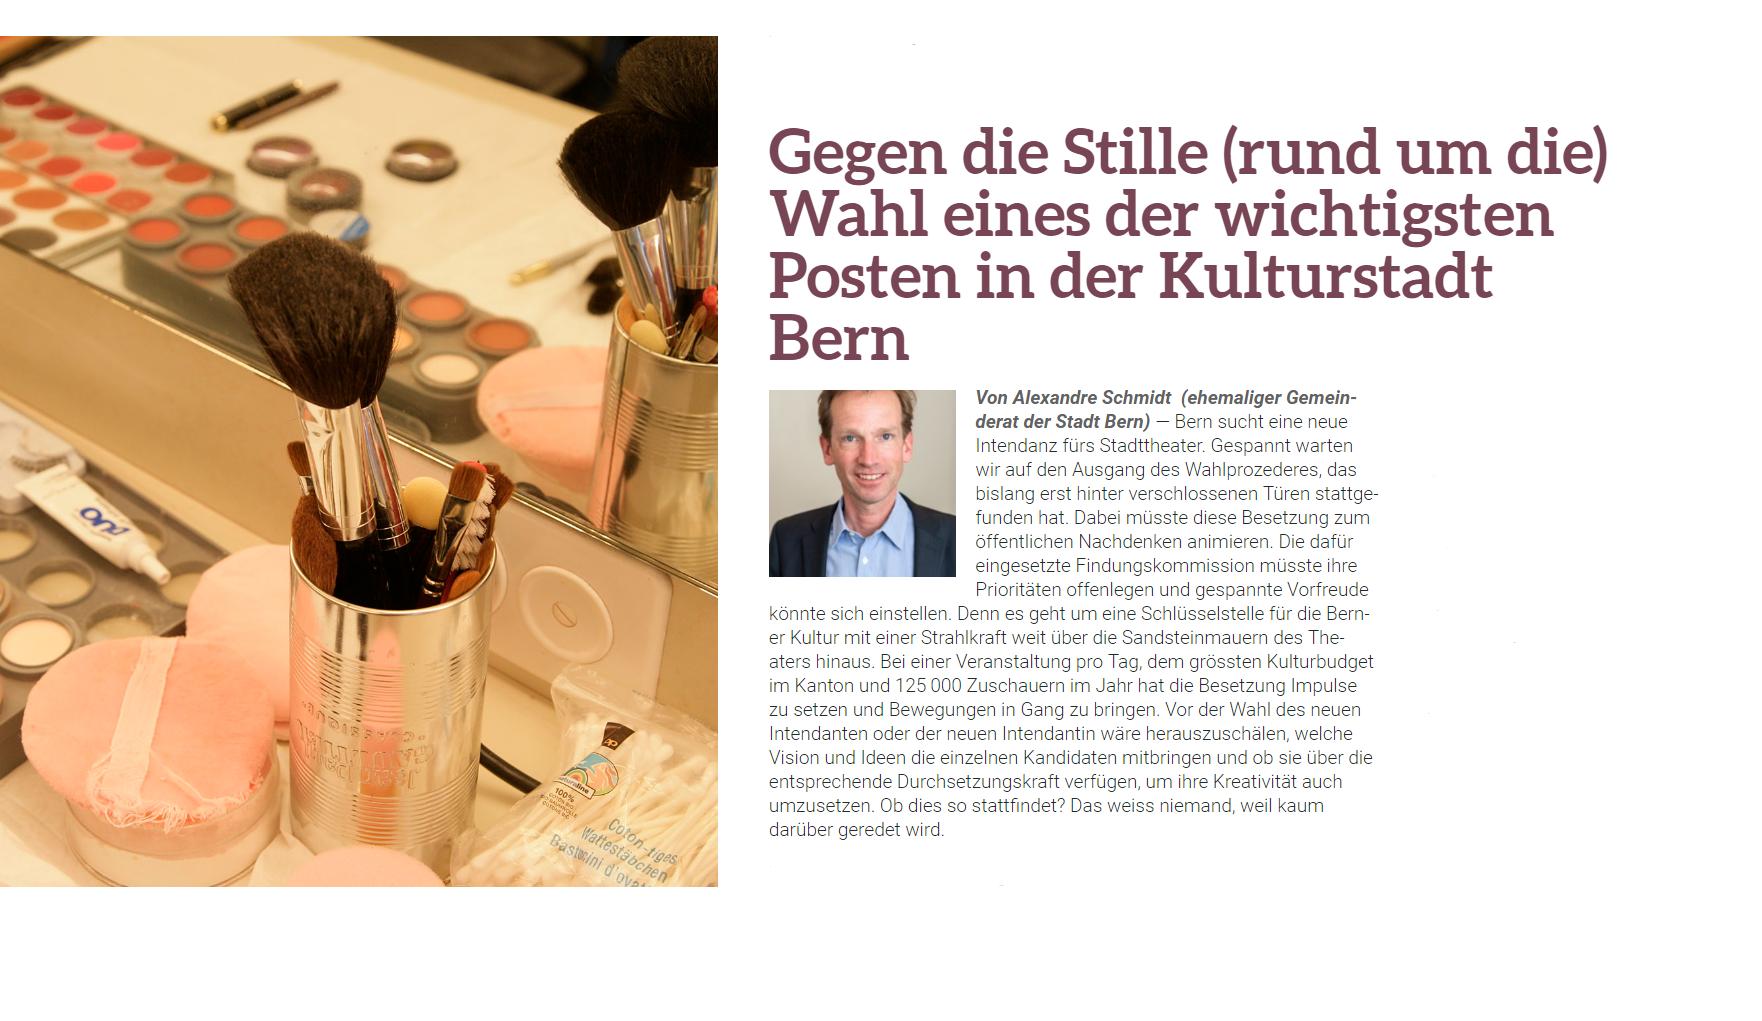 Meine Tribüne in der Ensuite vom 10. April 2019 - Gegen die Stille (rund um die) Wahl eines der wichtigsten Posten in der Kulturstadt Bern